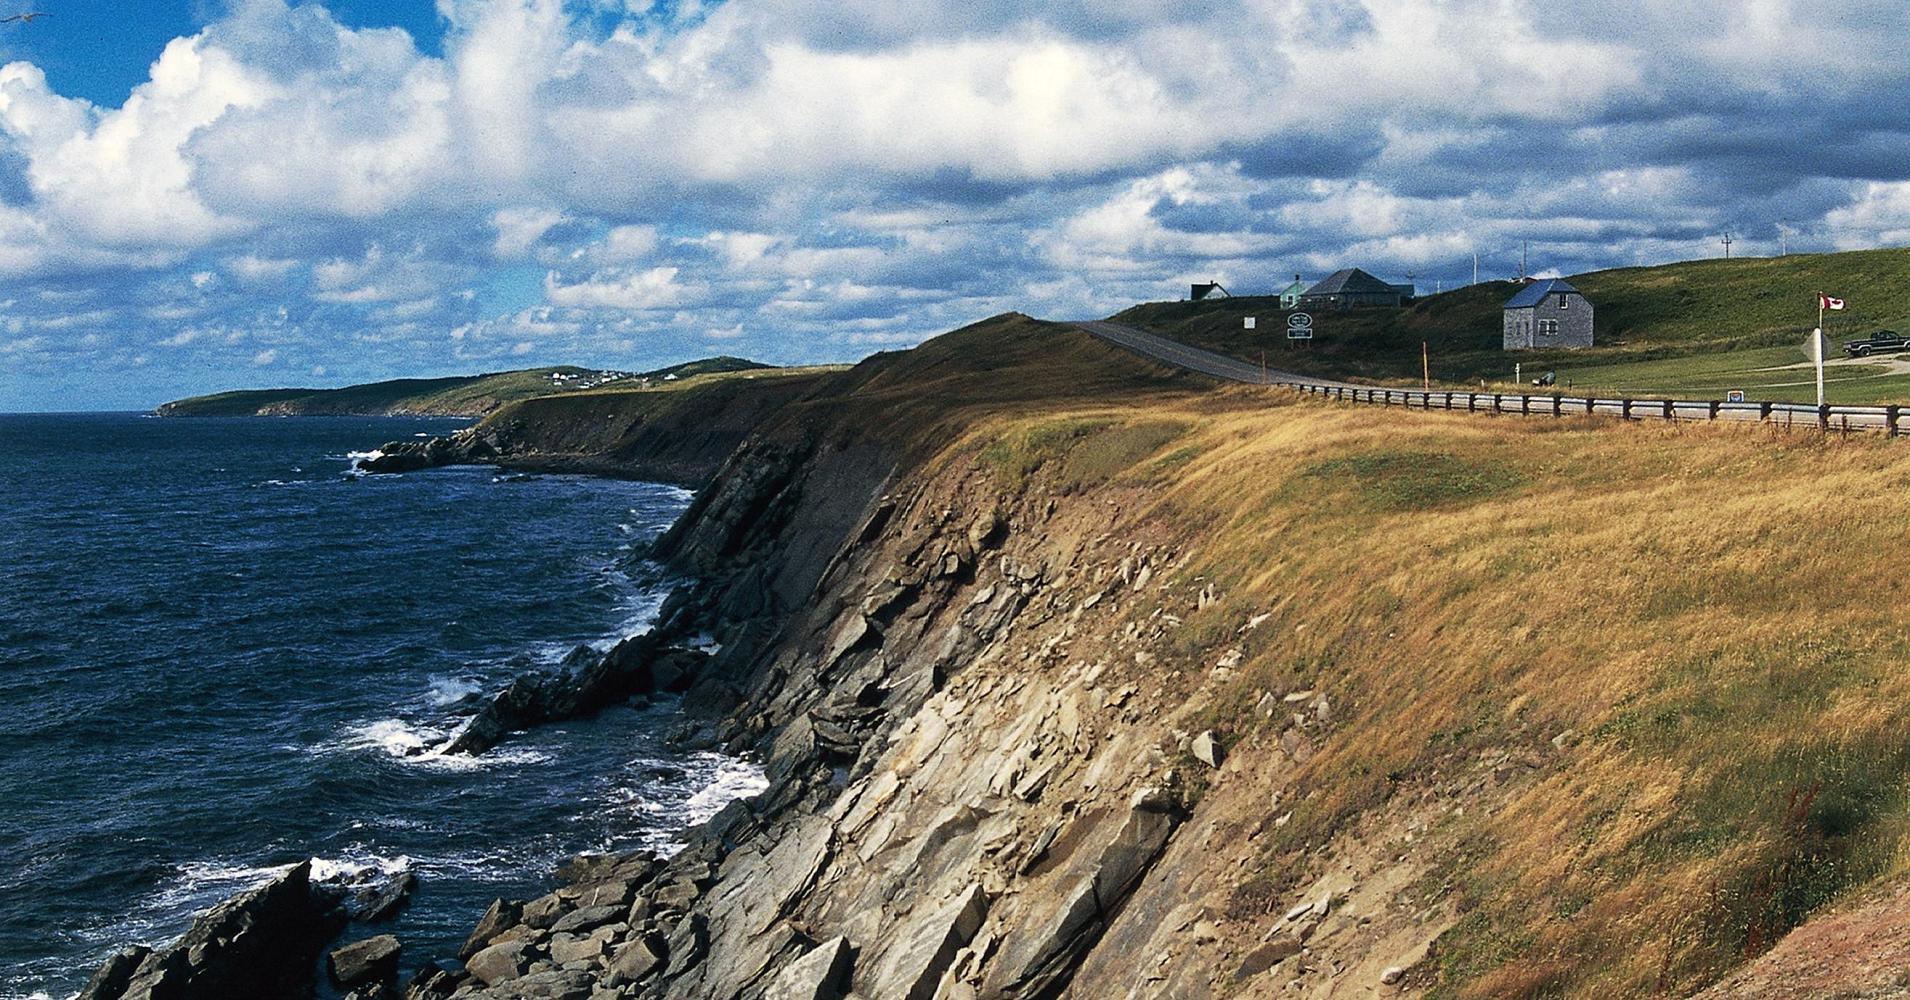 Imagem de uma praia acantilada na ilha de Cape Breton, Canadá.